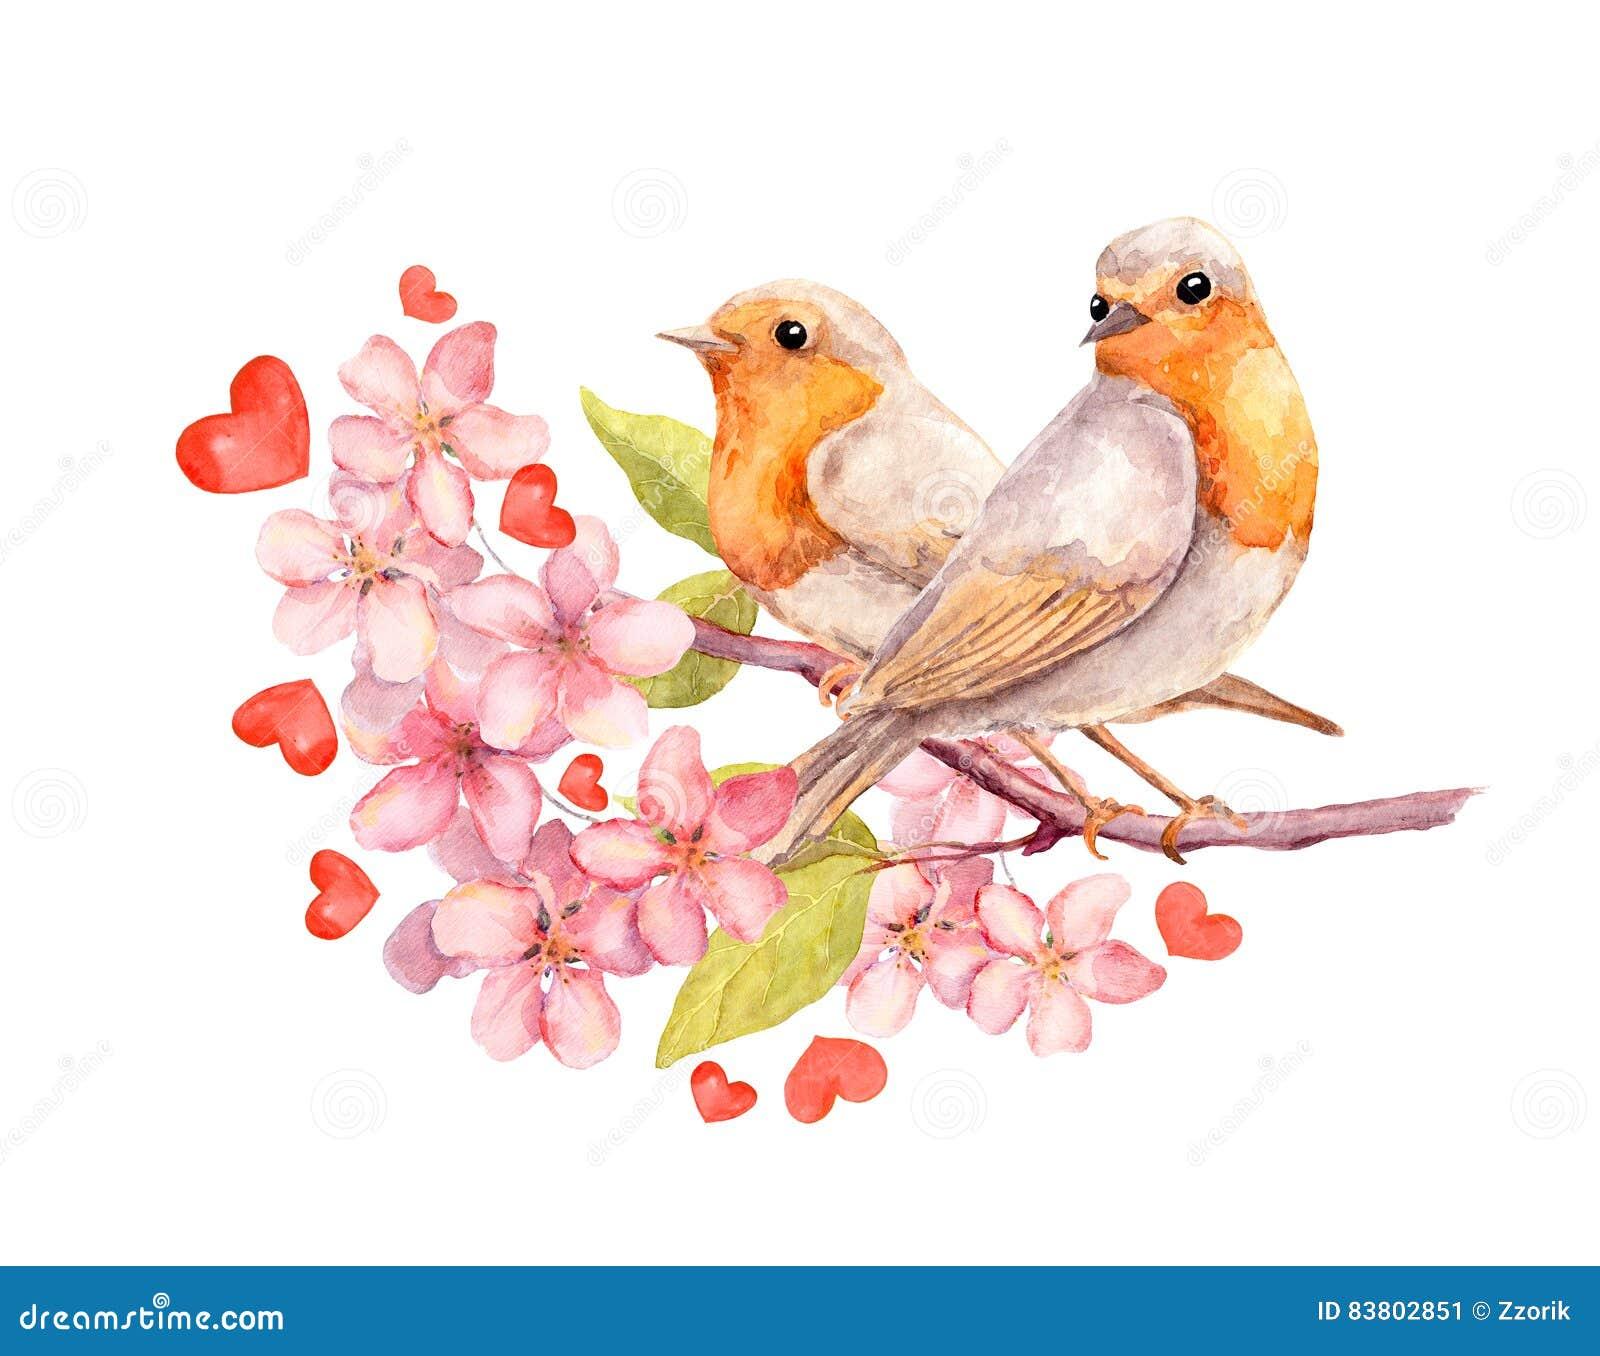 Ptaki na kwitnienie gałąź z kwiatami akwarela